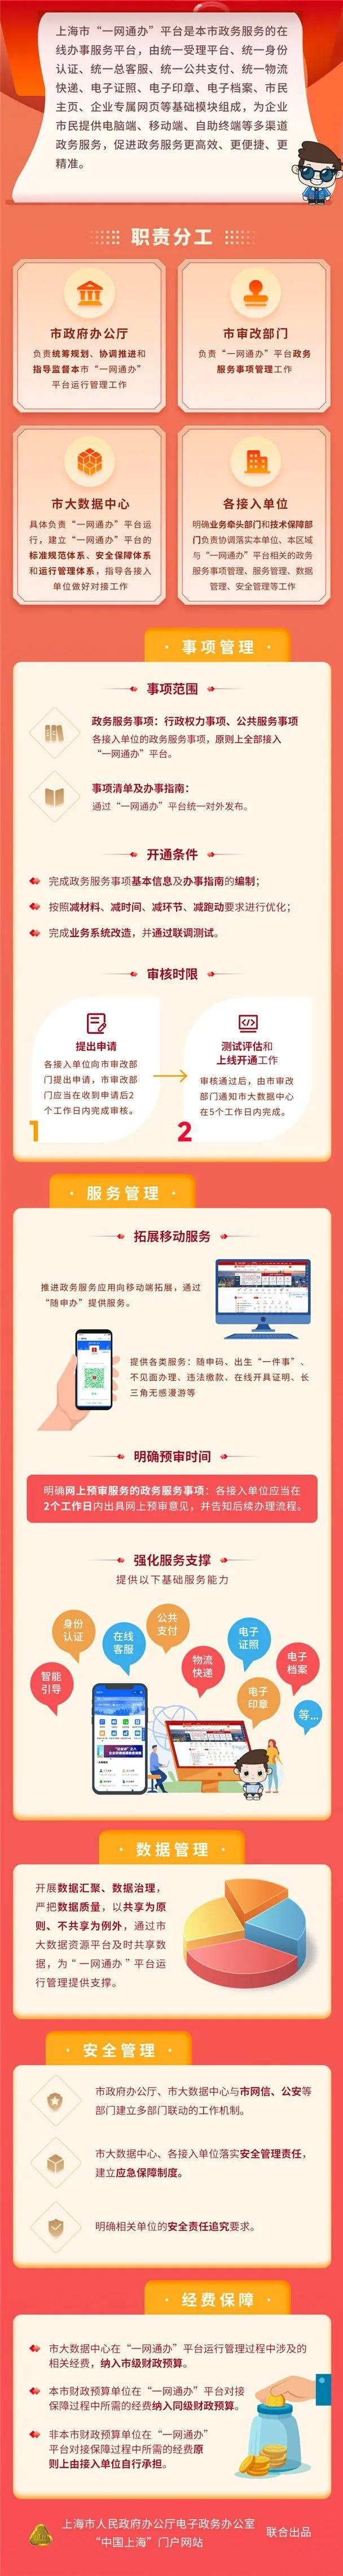 """沪出台""""一网通办""""平台运行管理暂行办法,10月1日起施行"""